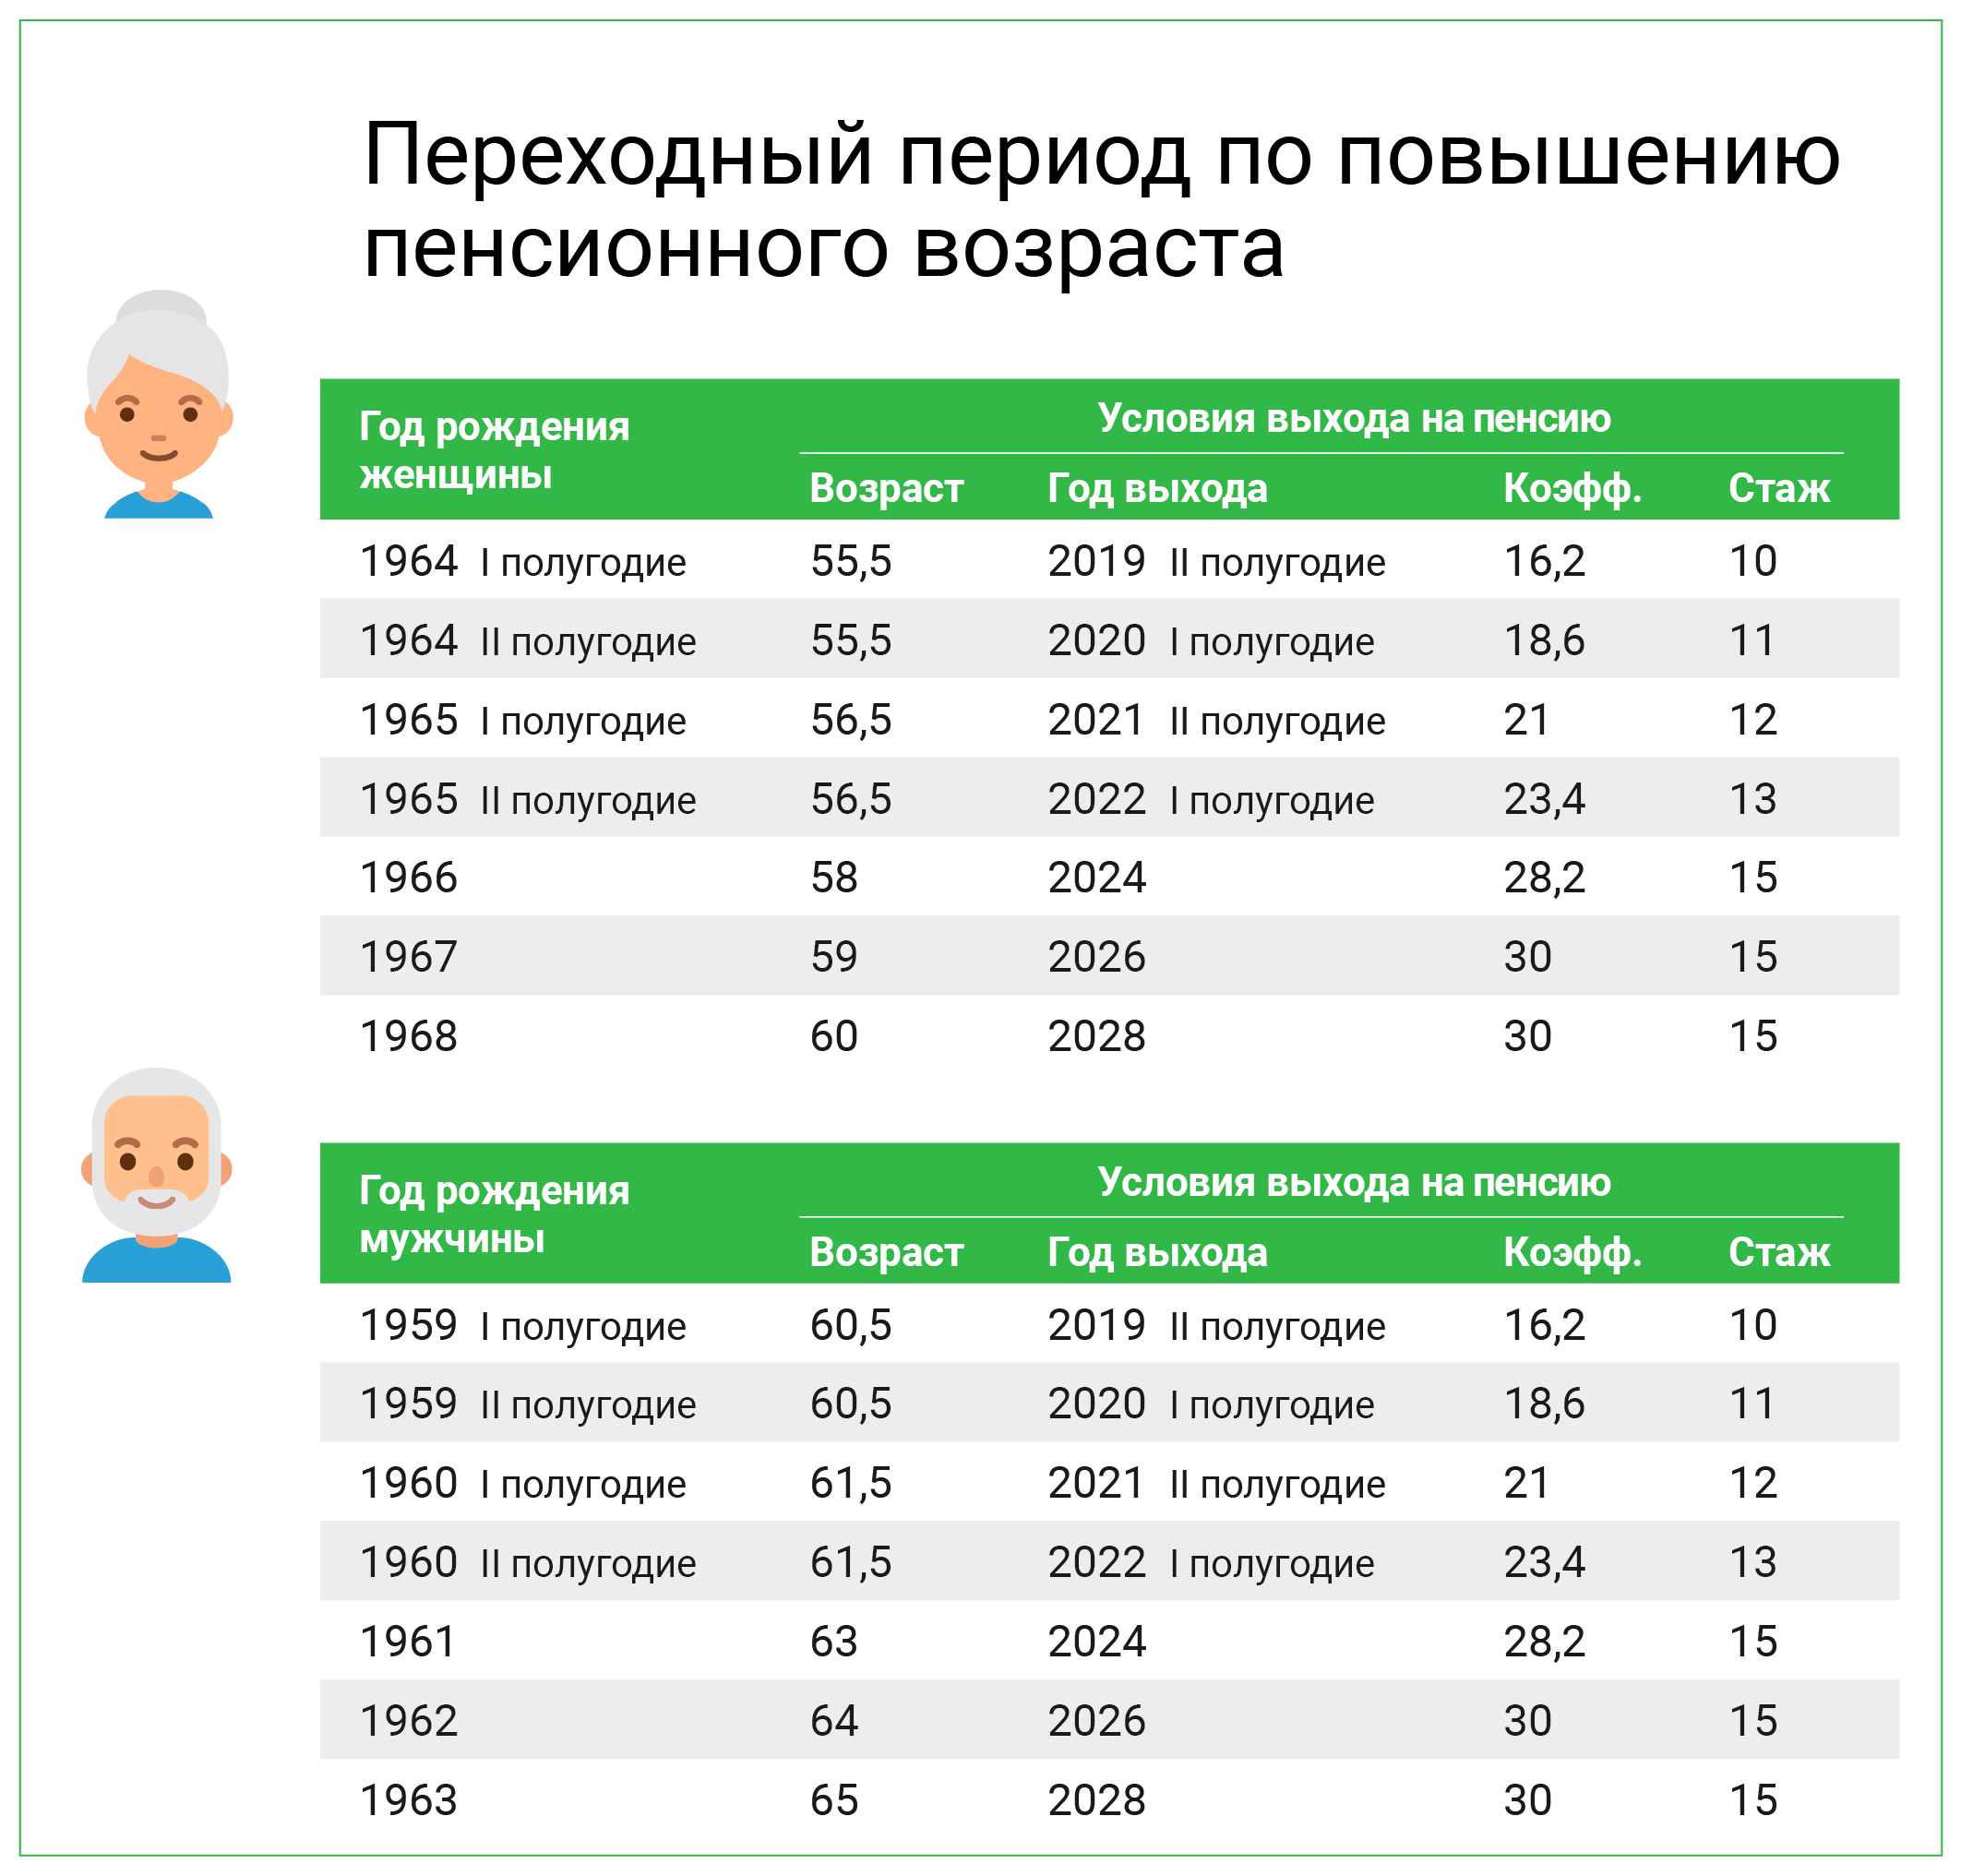 пенсионная система ссср